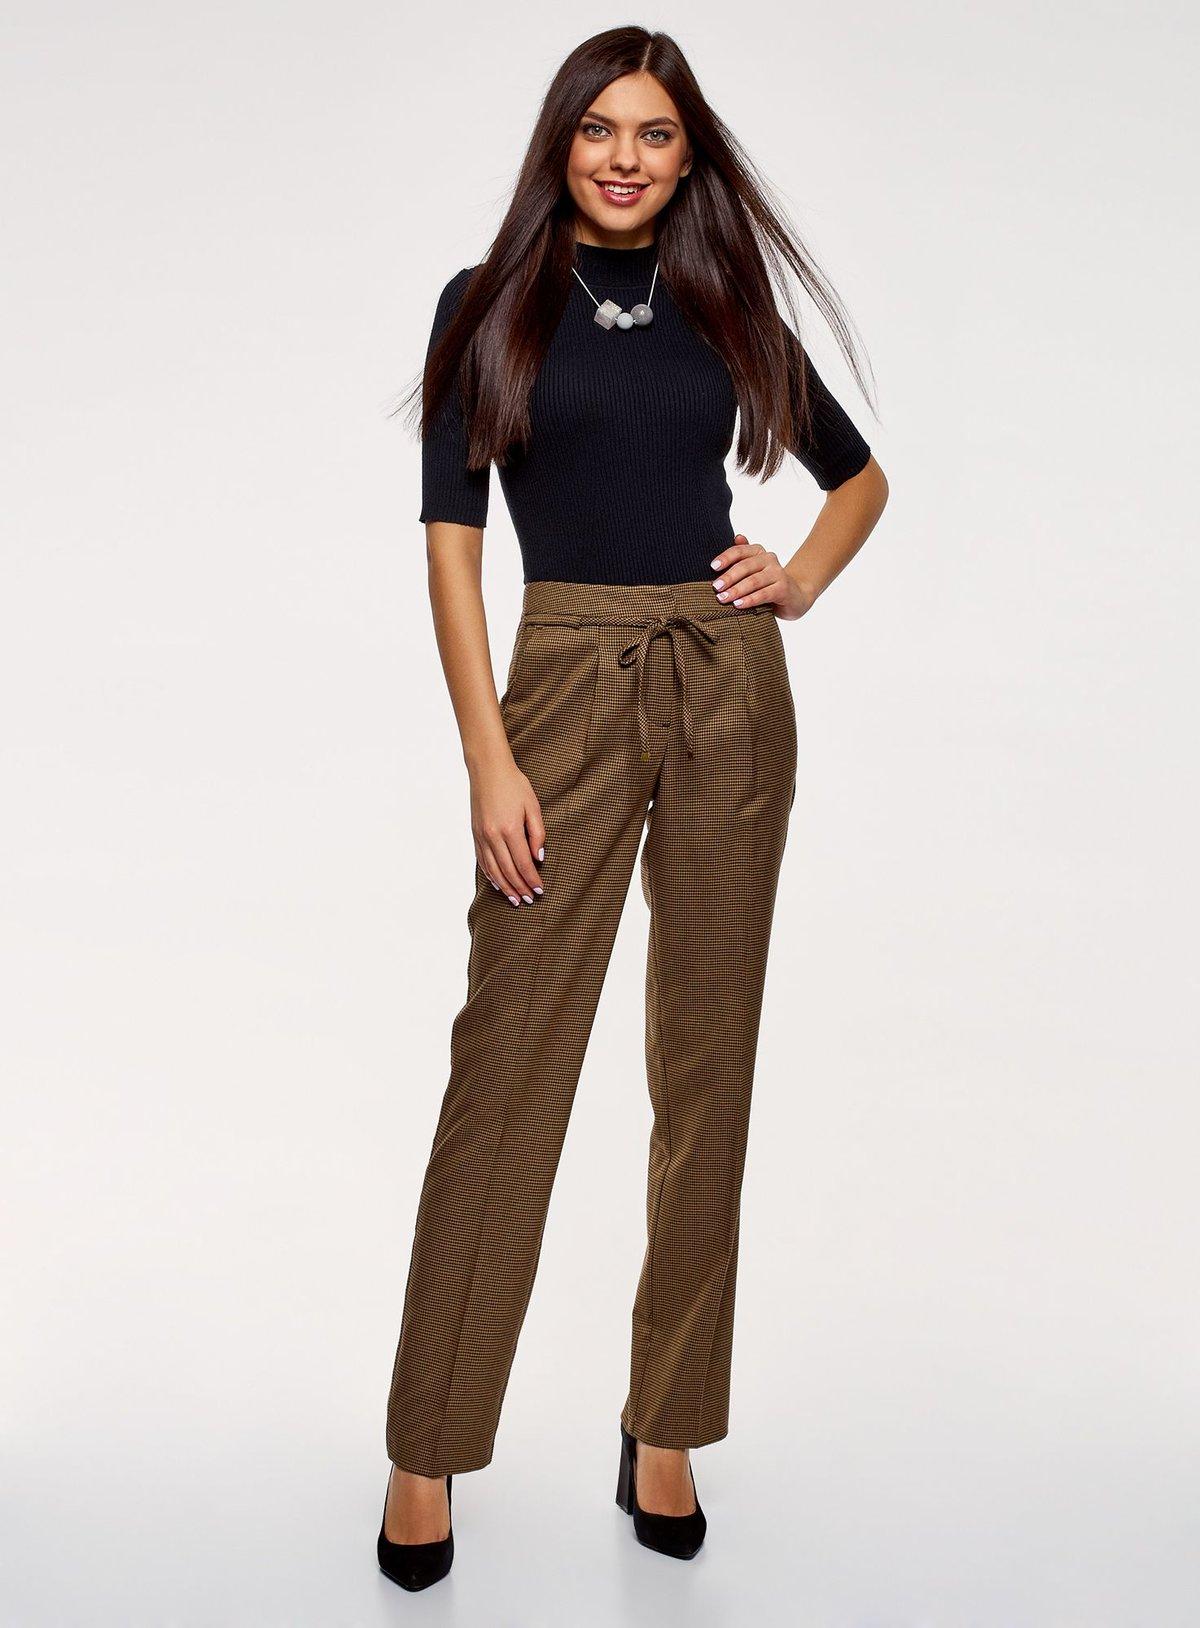 модели женских брюк с картинками годы чудесные, так